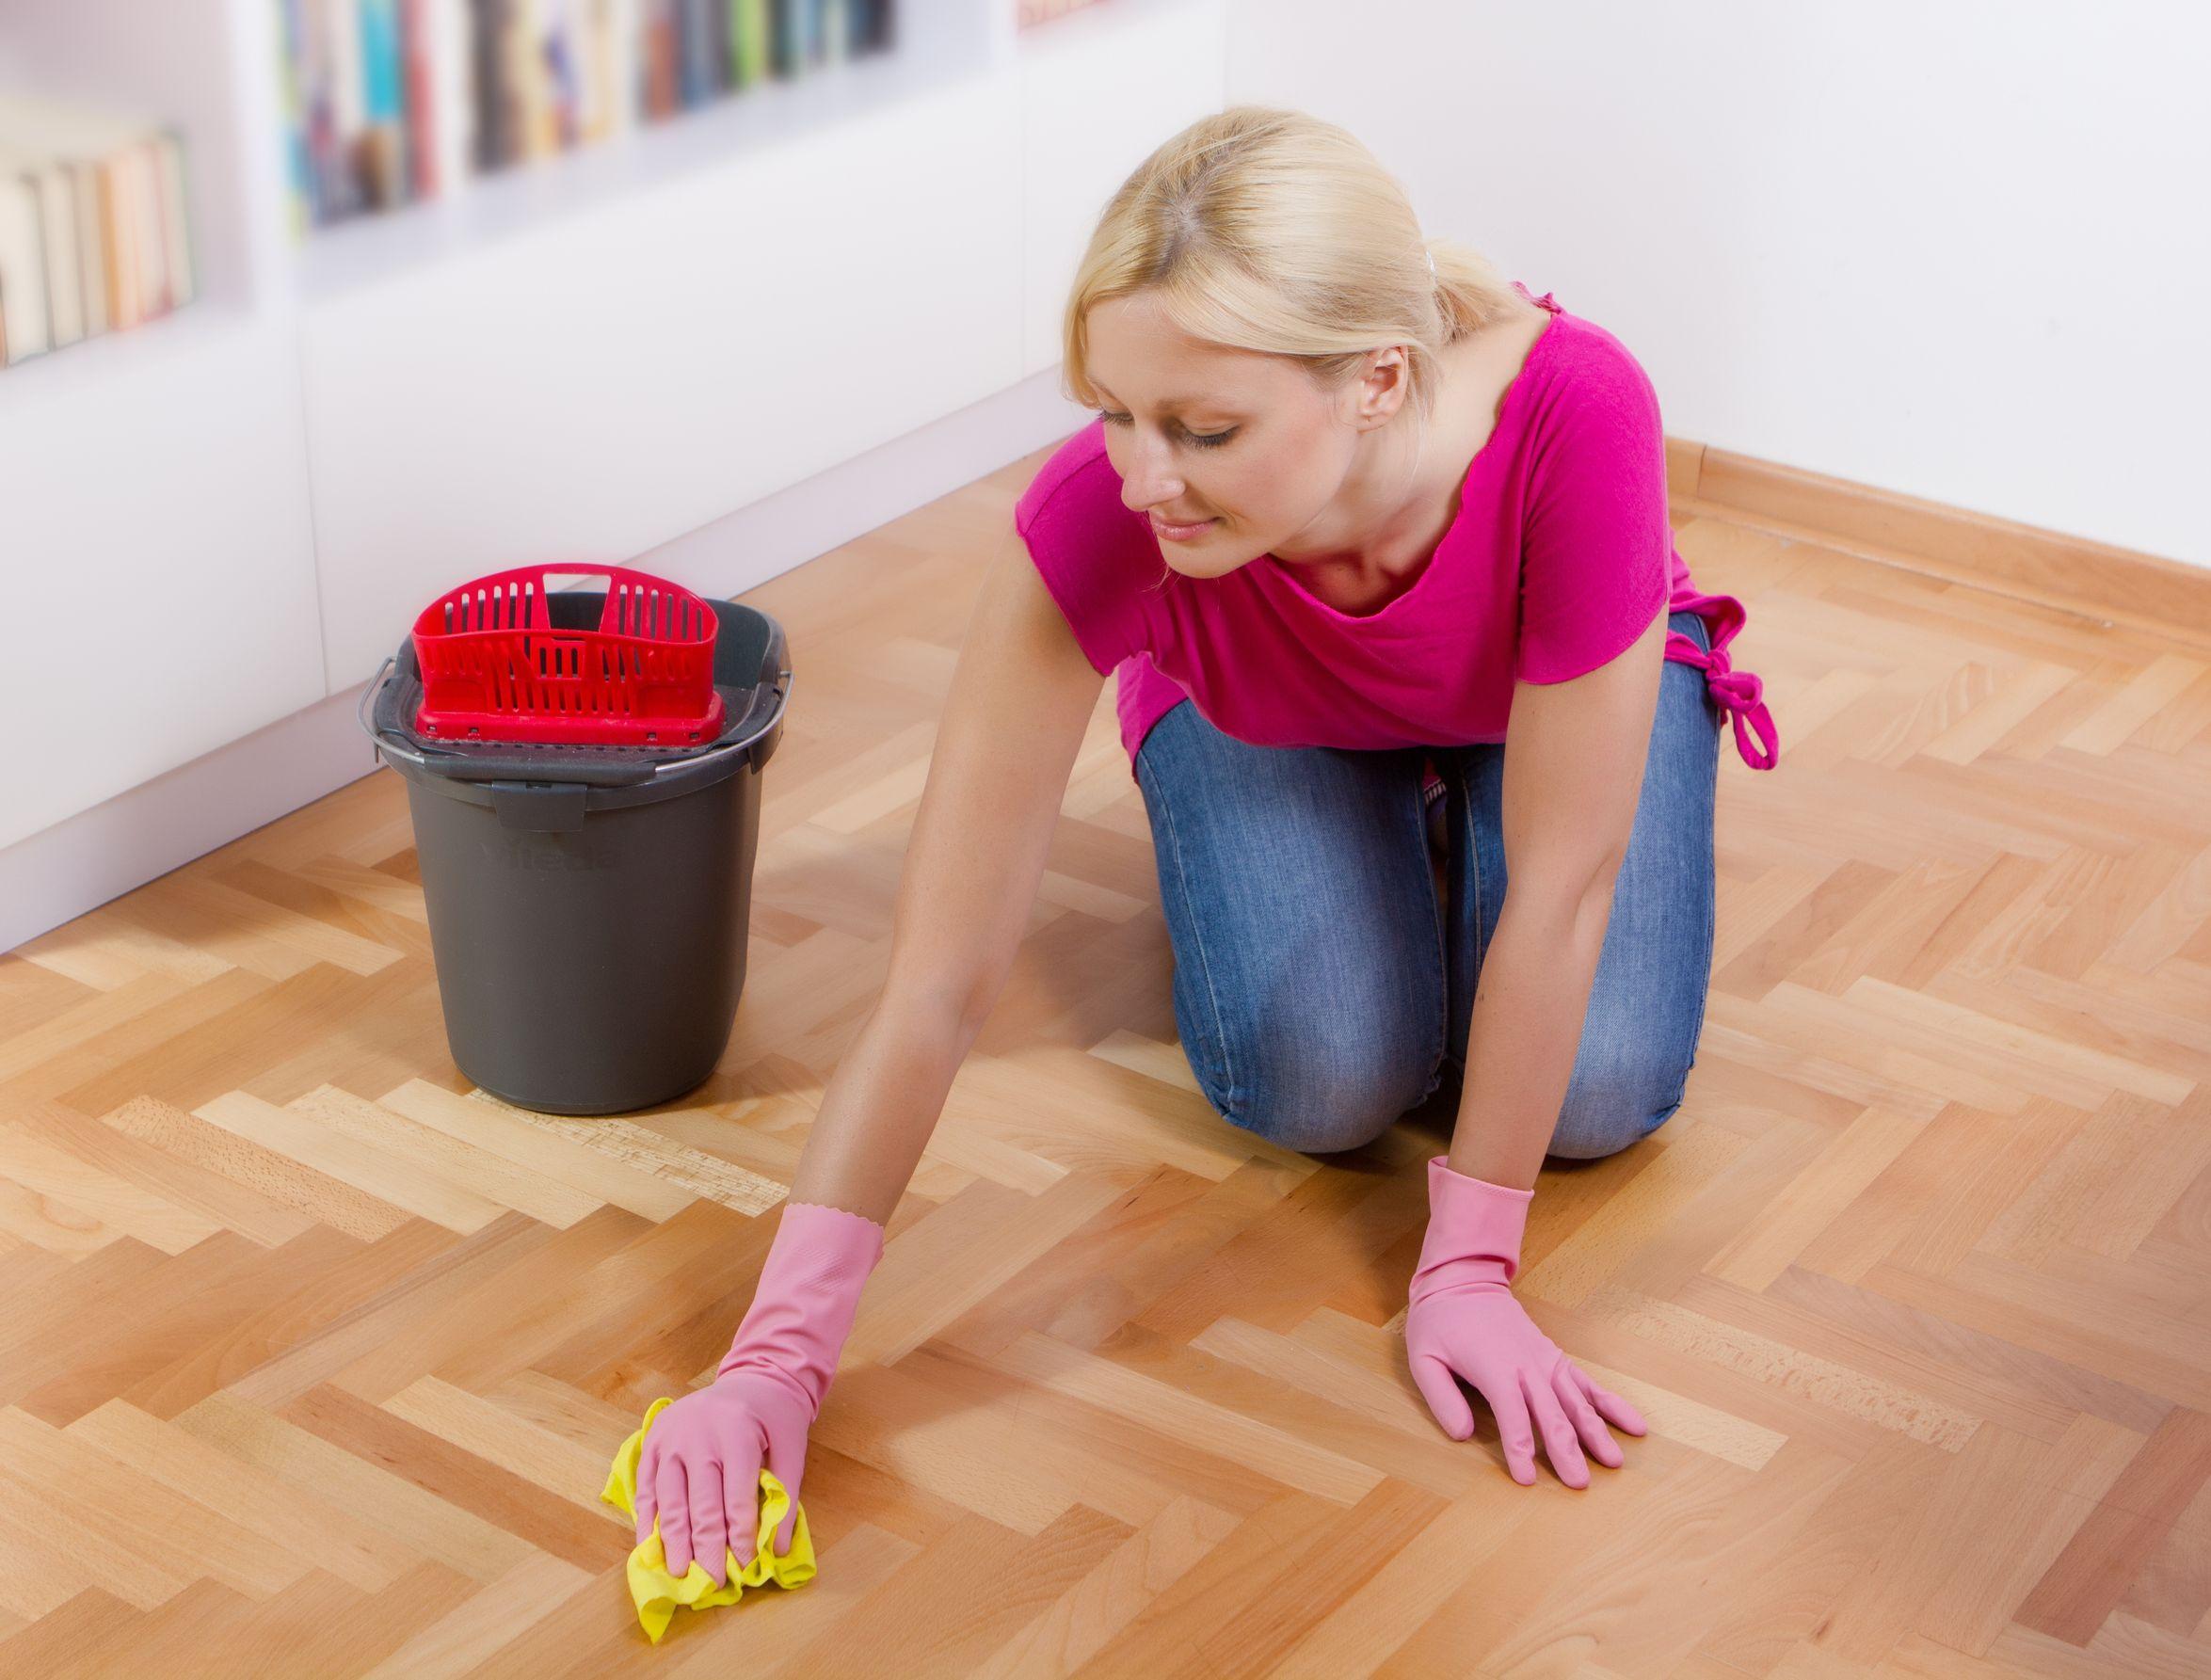 Человек, который во сне вызывается добровольцем для того, чтобы провести уборку на рабочем месте, хочет быть полезен и удобен для всех своих коллег.